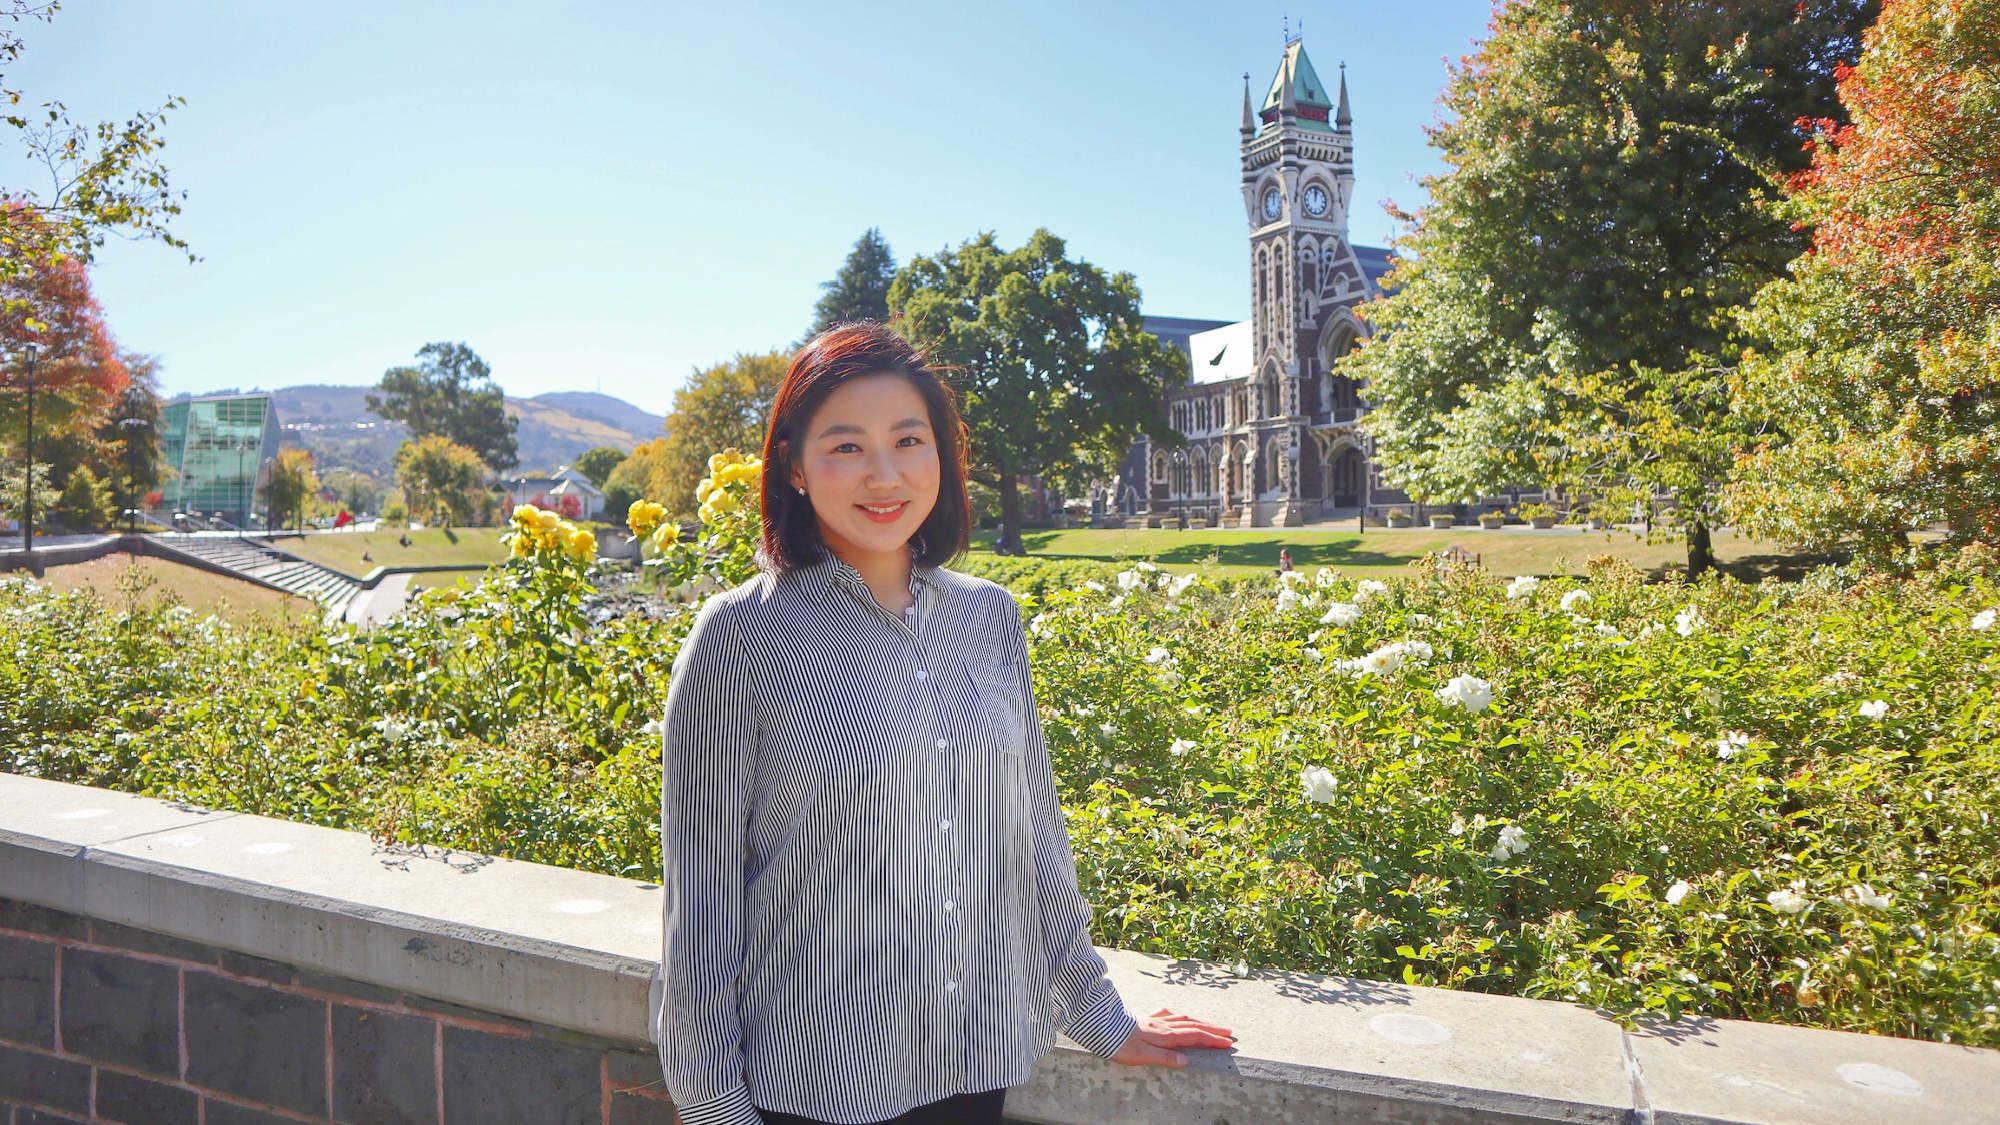 歯科医療における女性の活躍〜歯科技工士であり研究者でもあるJoanne Choi氏の紹介〜